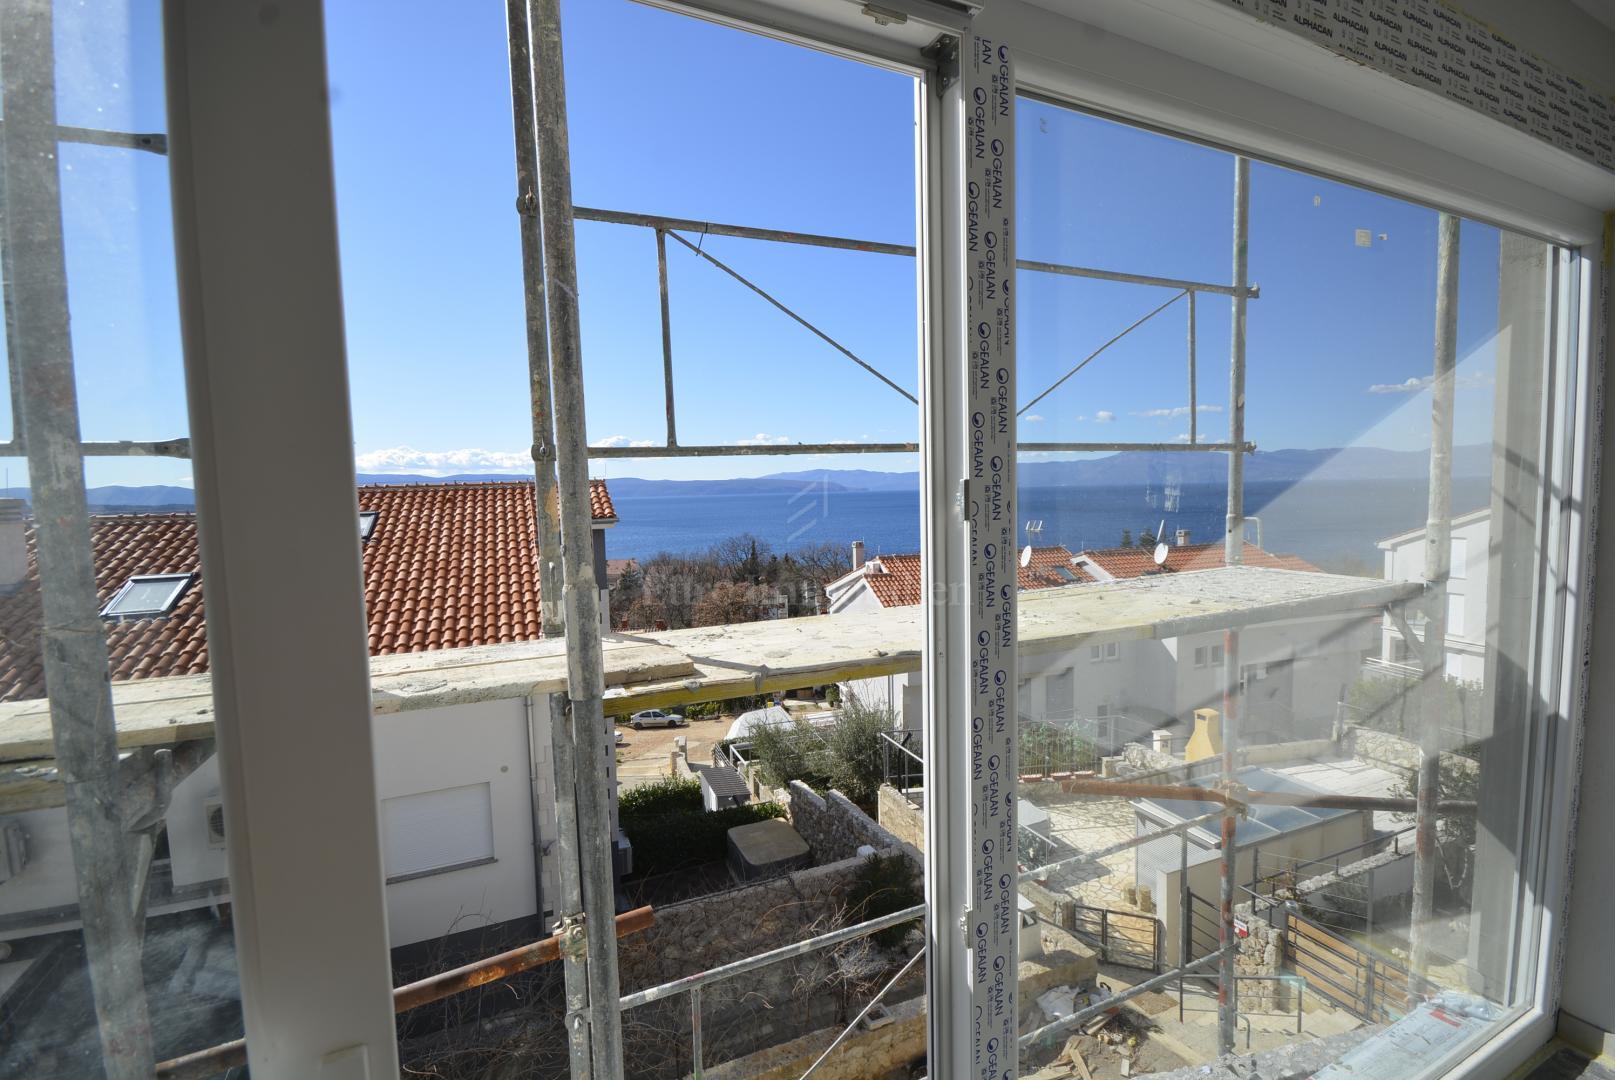 Exklusives Apartment mit Pool auf dem Dach und offenem Meerblick